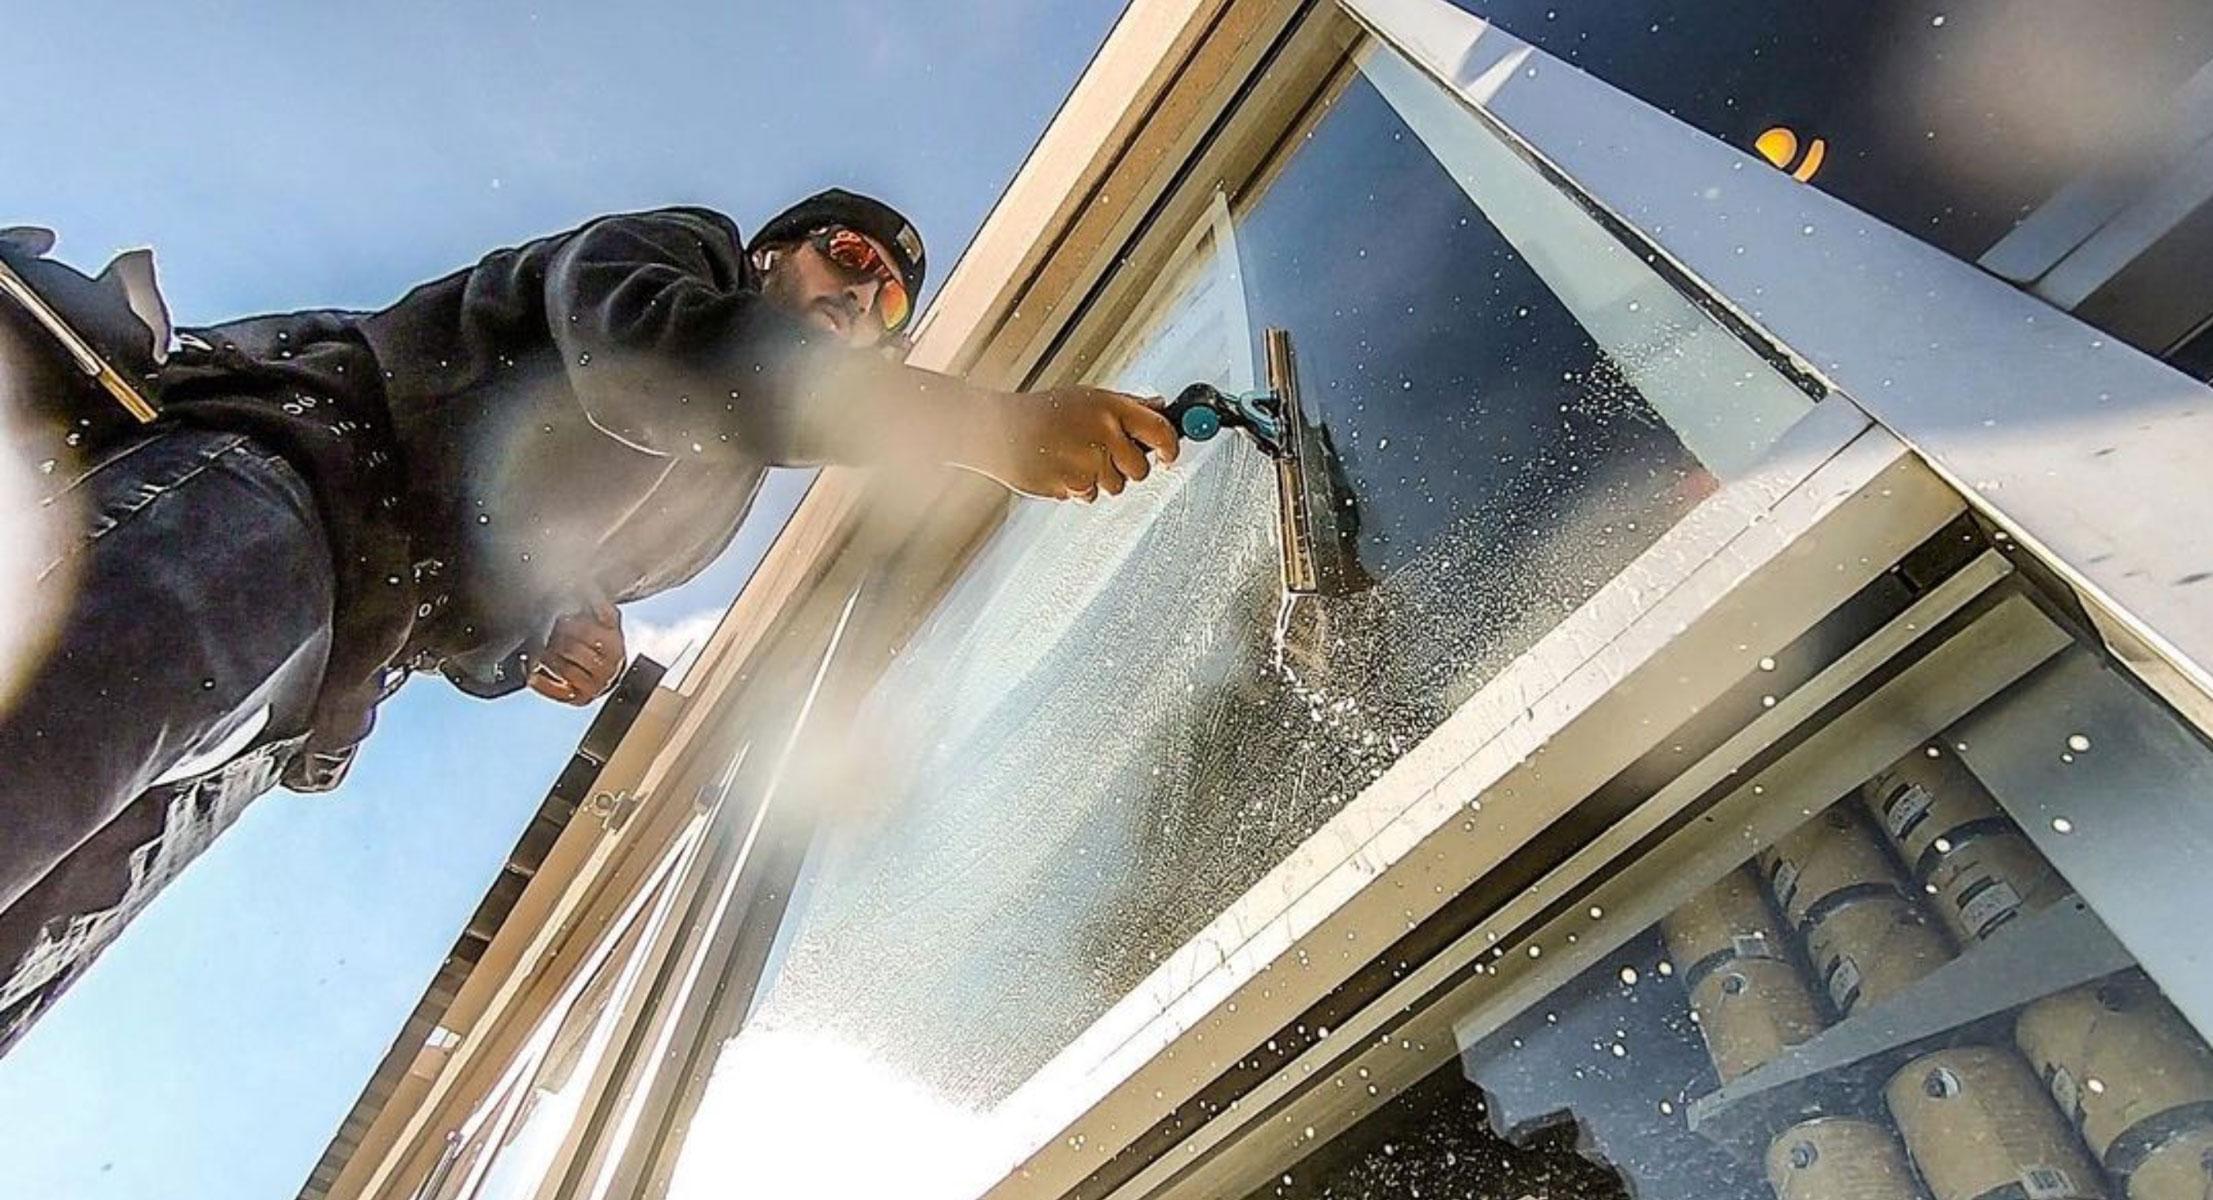 Commercial window cleaned in winter season.